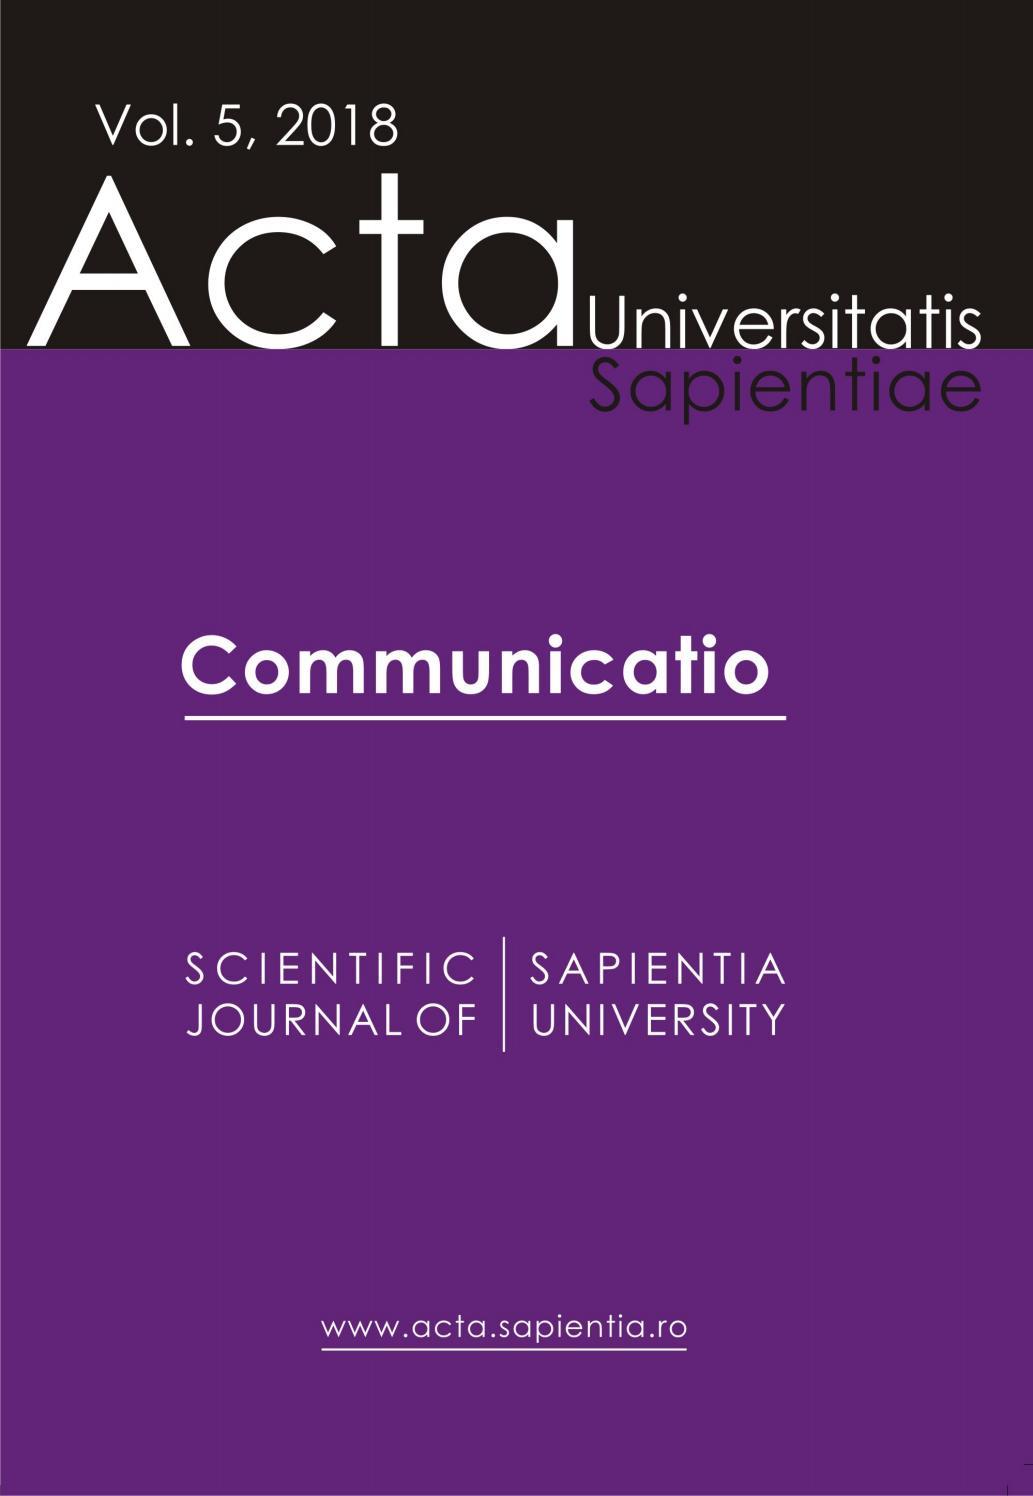 Communicatio Vol 5 2018 By Acta Universitatis Sapientiae Issuu